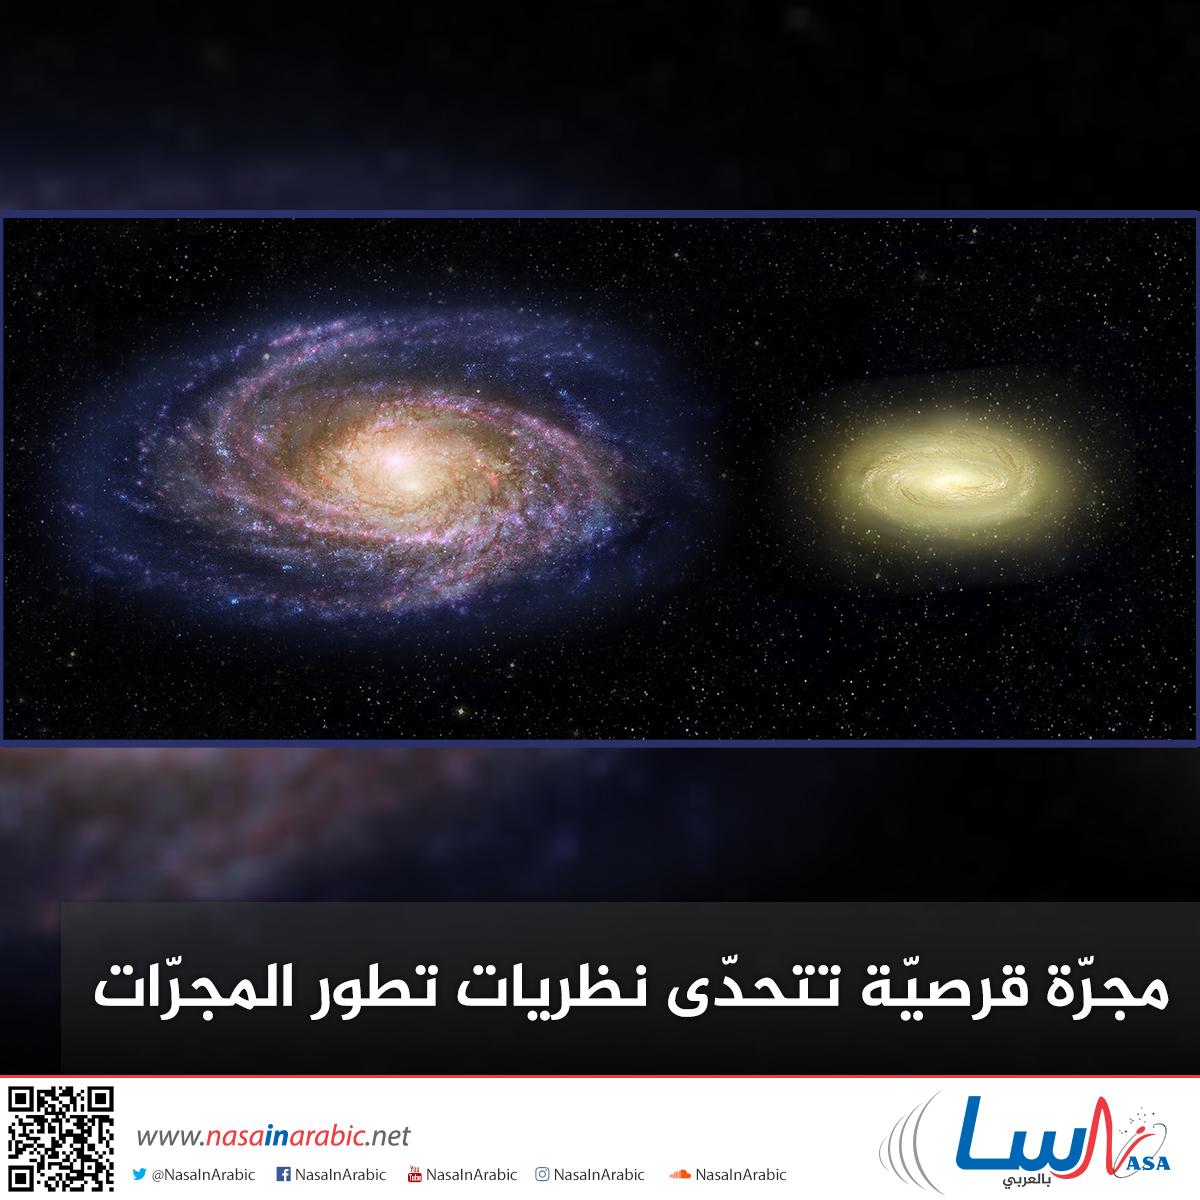 مجرّة قرصيّة تتحدّى نظريات تطور المجرّات